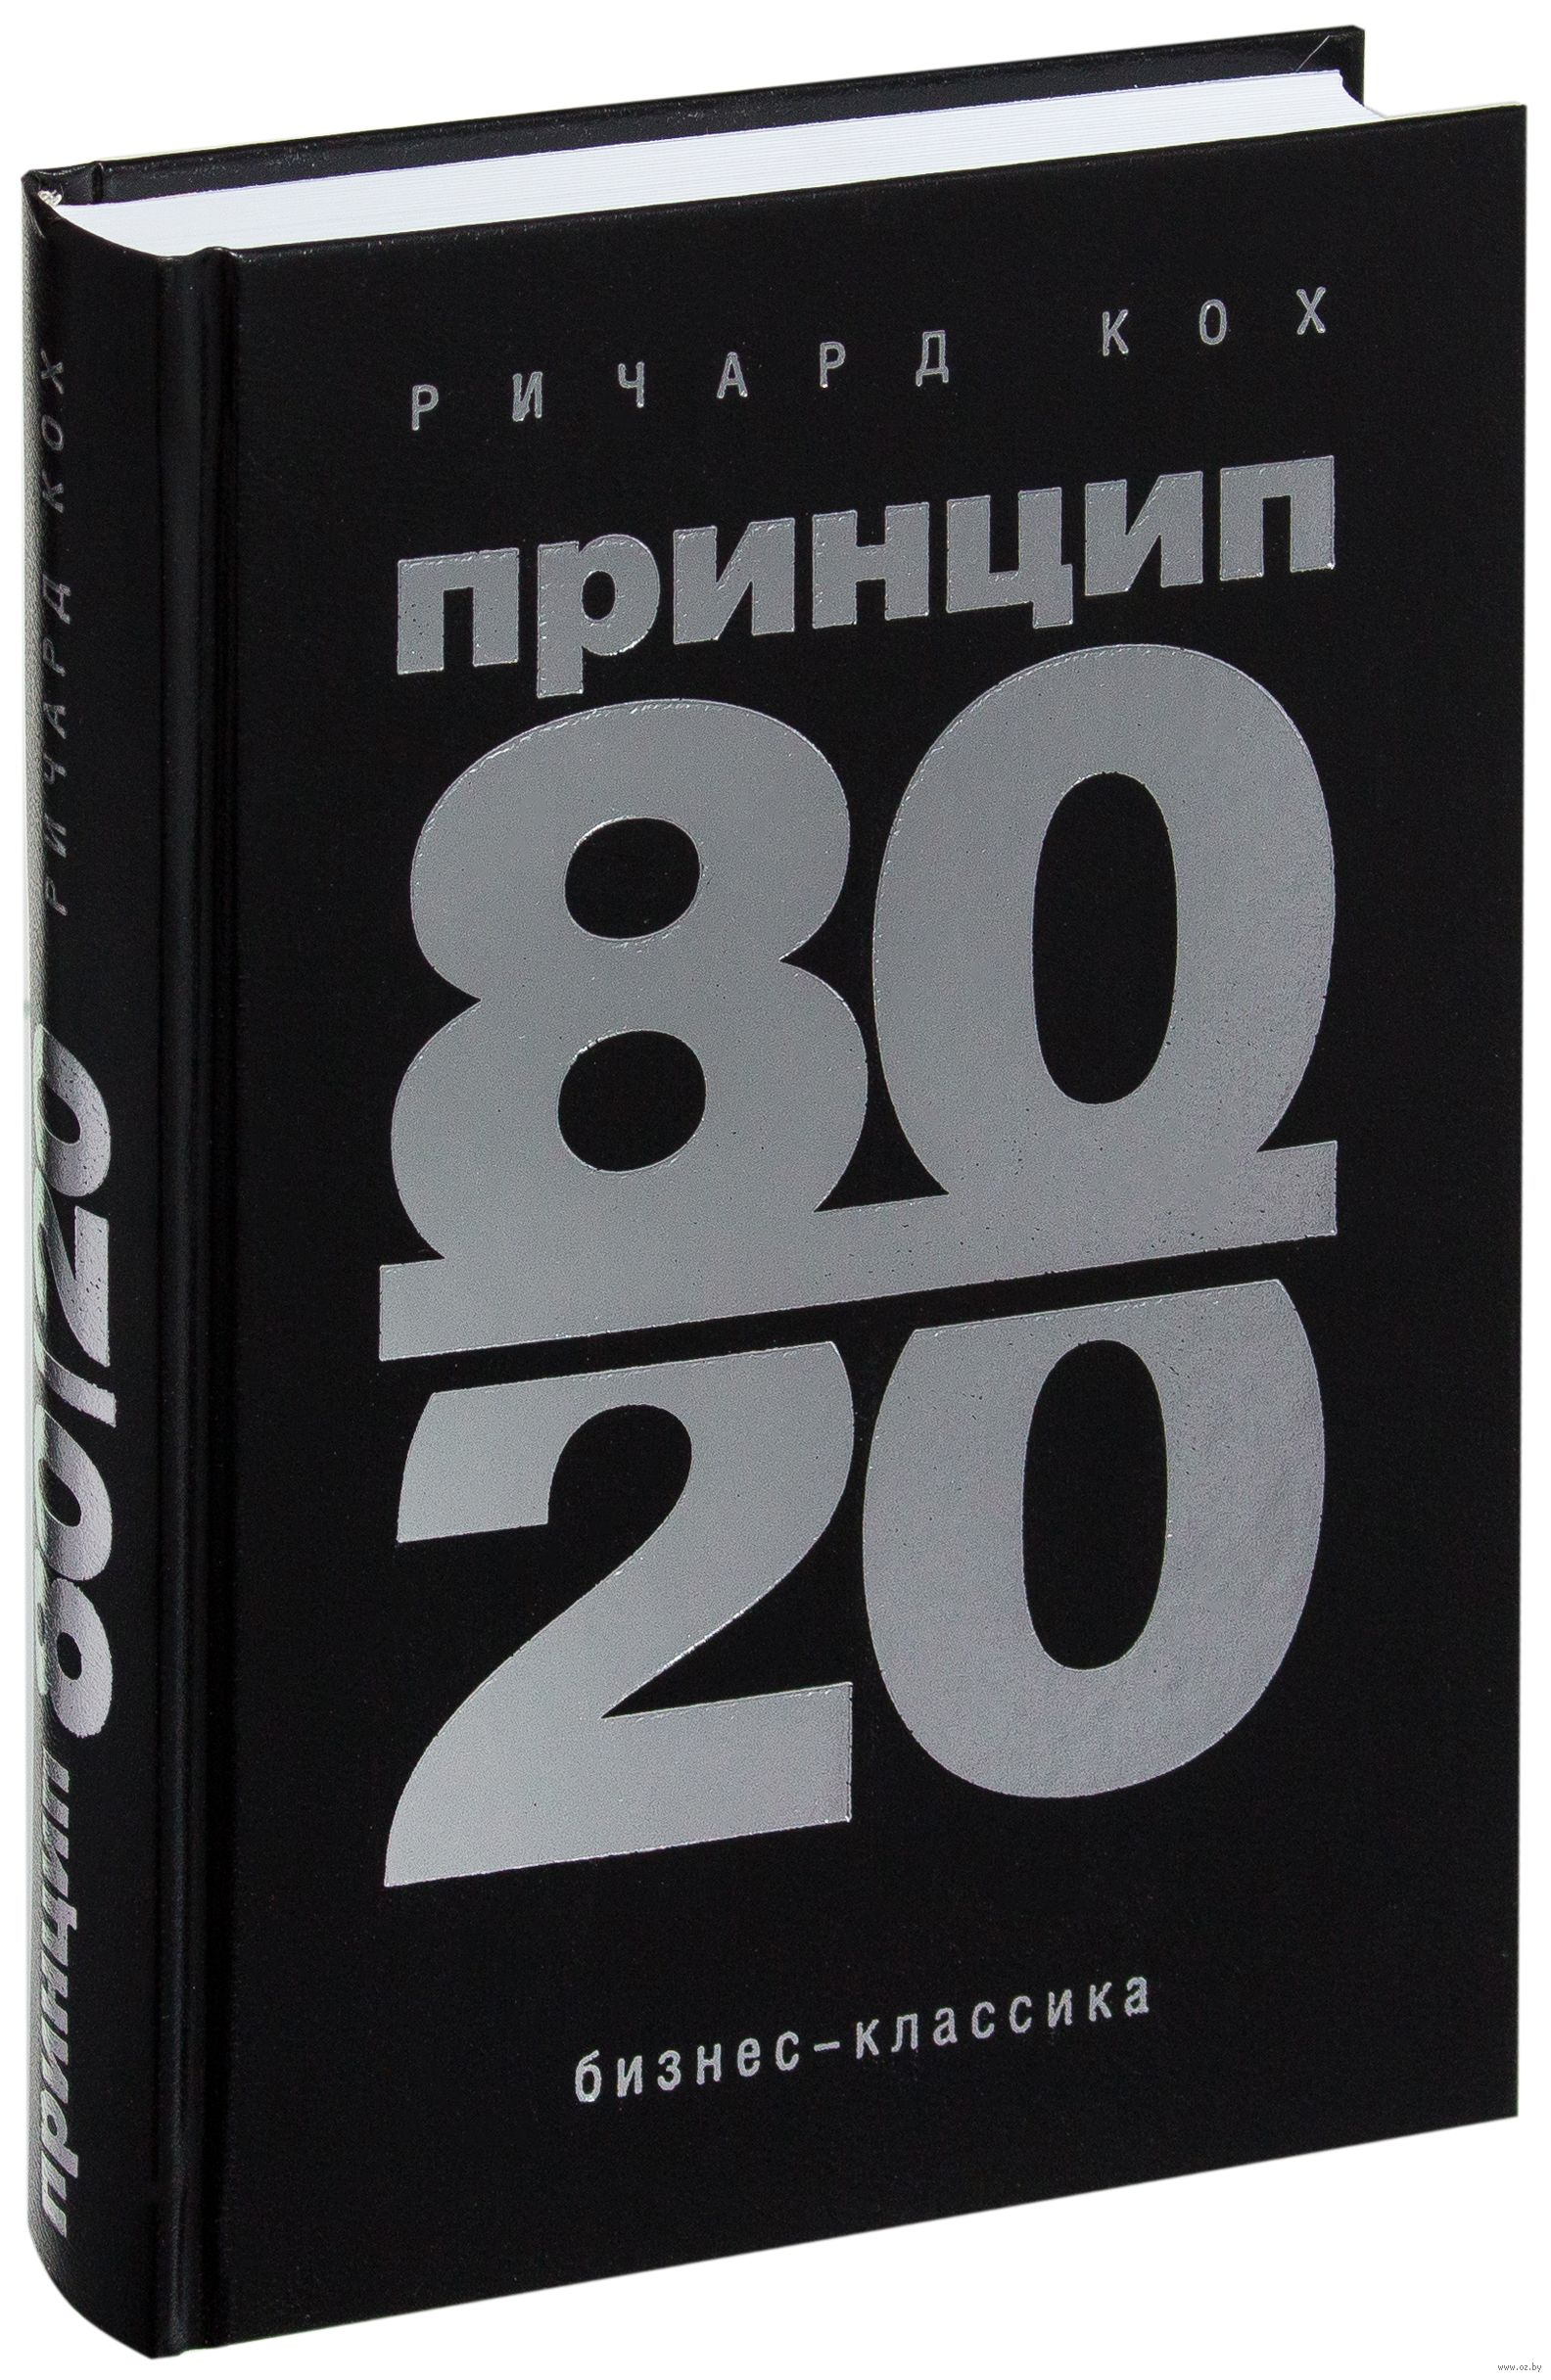 КНИГА ПРИНЦИП ПАРЕТО 80/20 СКАЧАТЬ БЕСПЛАТНО